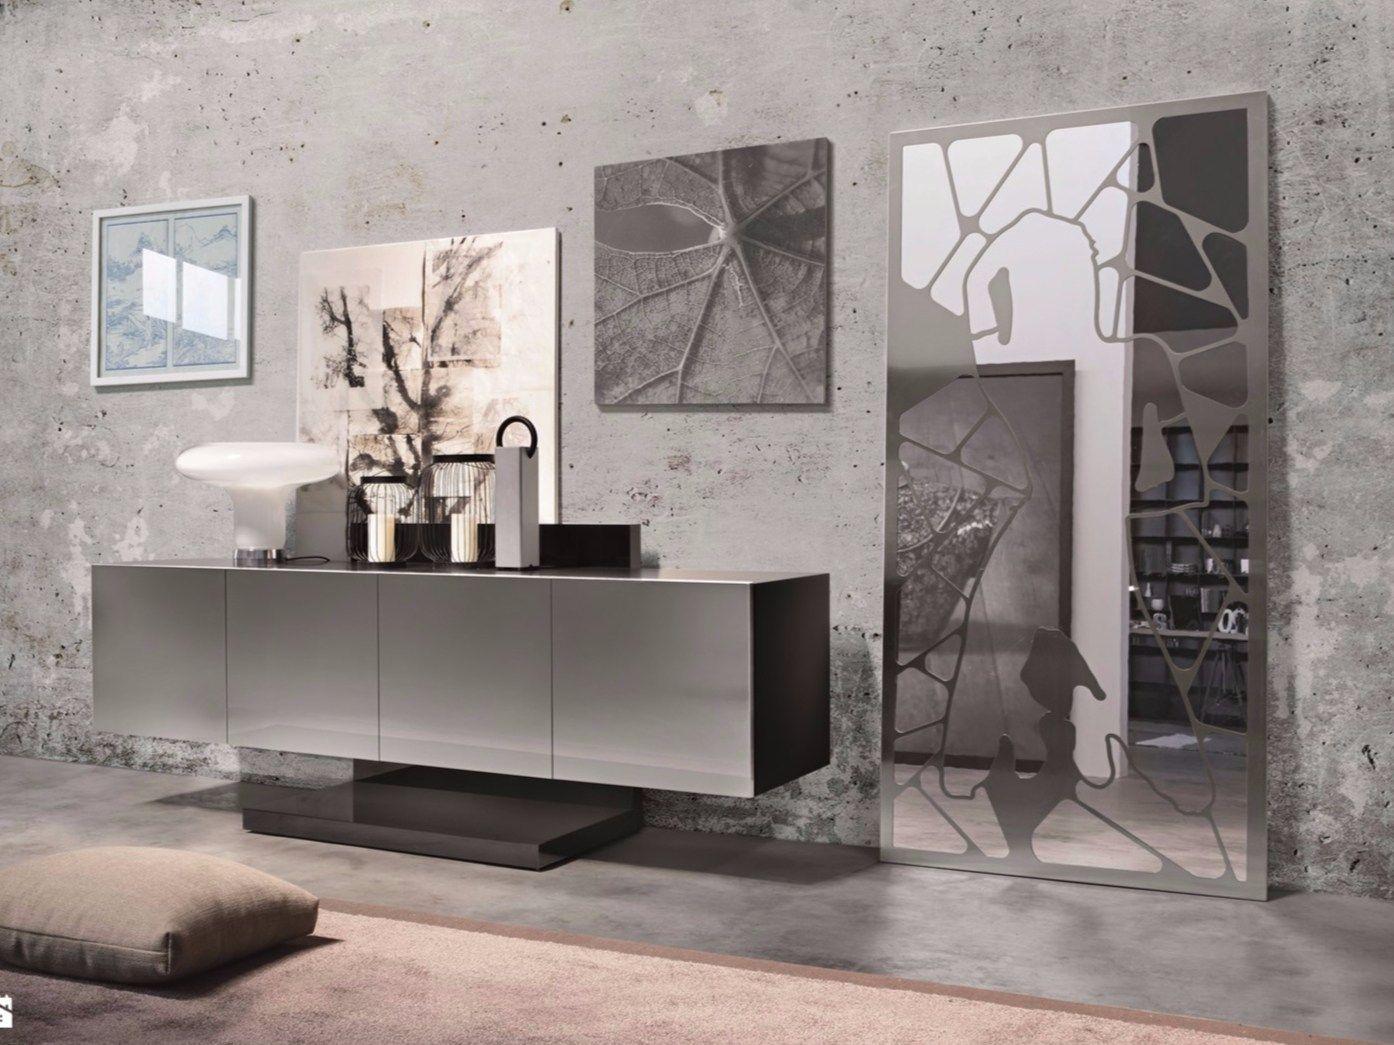 Madia Porta Tv Design.La Madia Nasconde Il Televisore